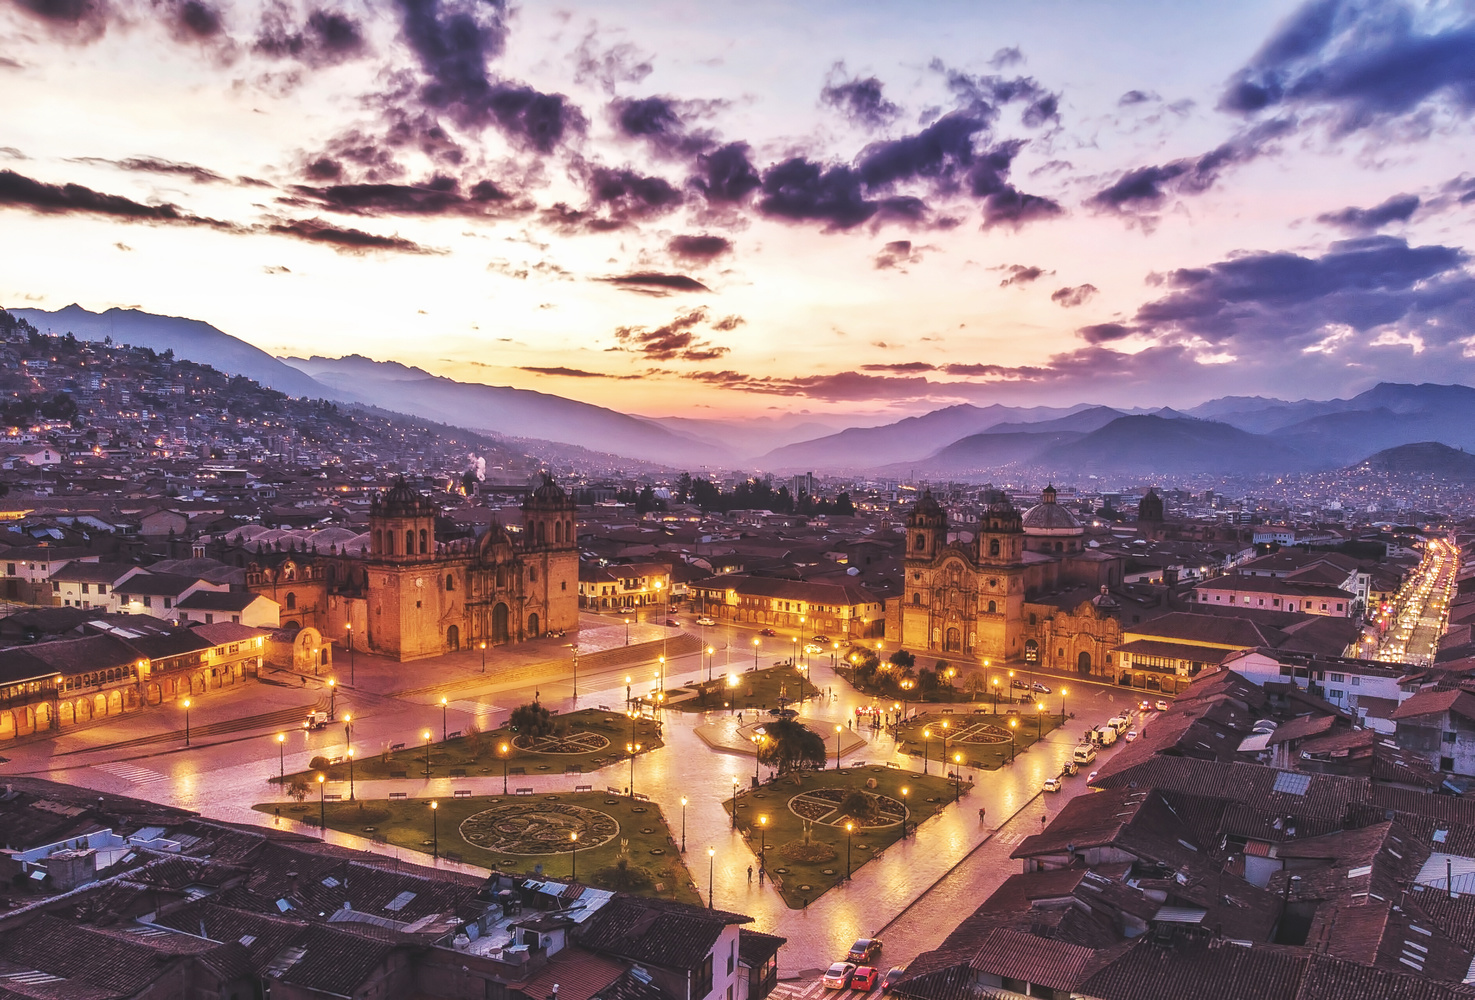 Sunrise in Cusco, Peru by Pedro Pulido